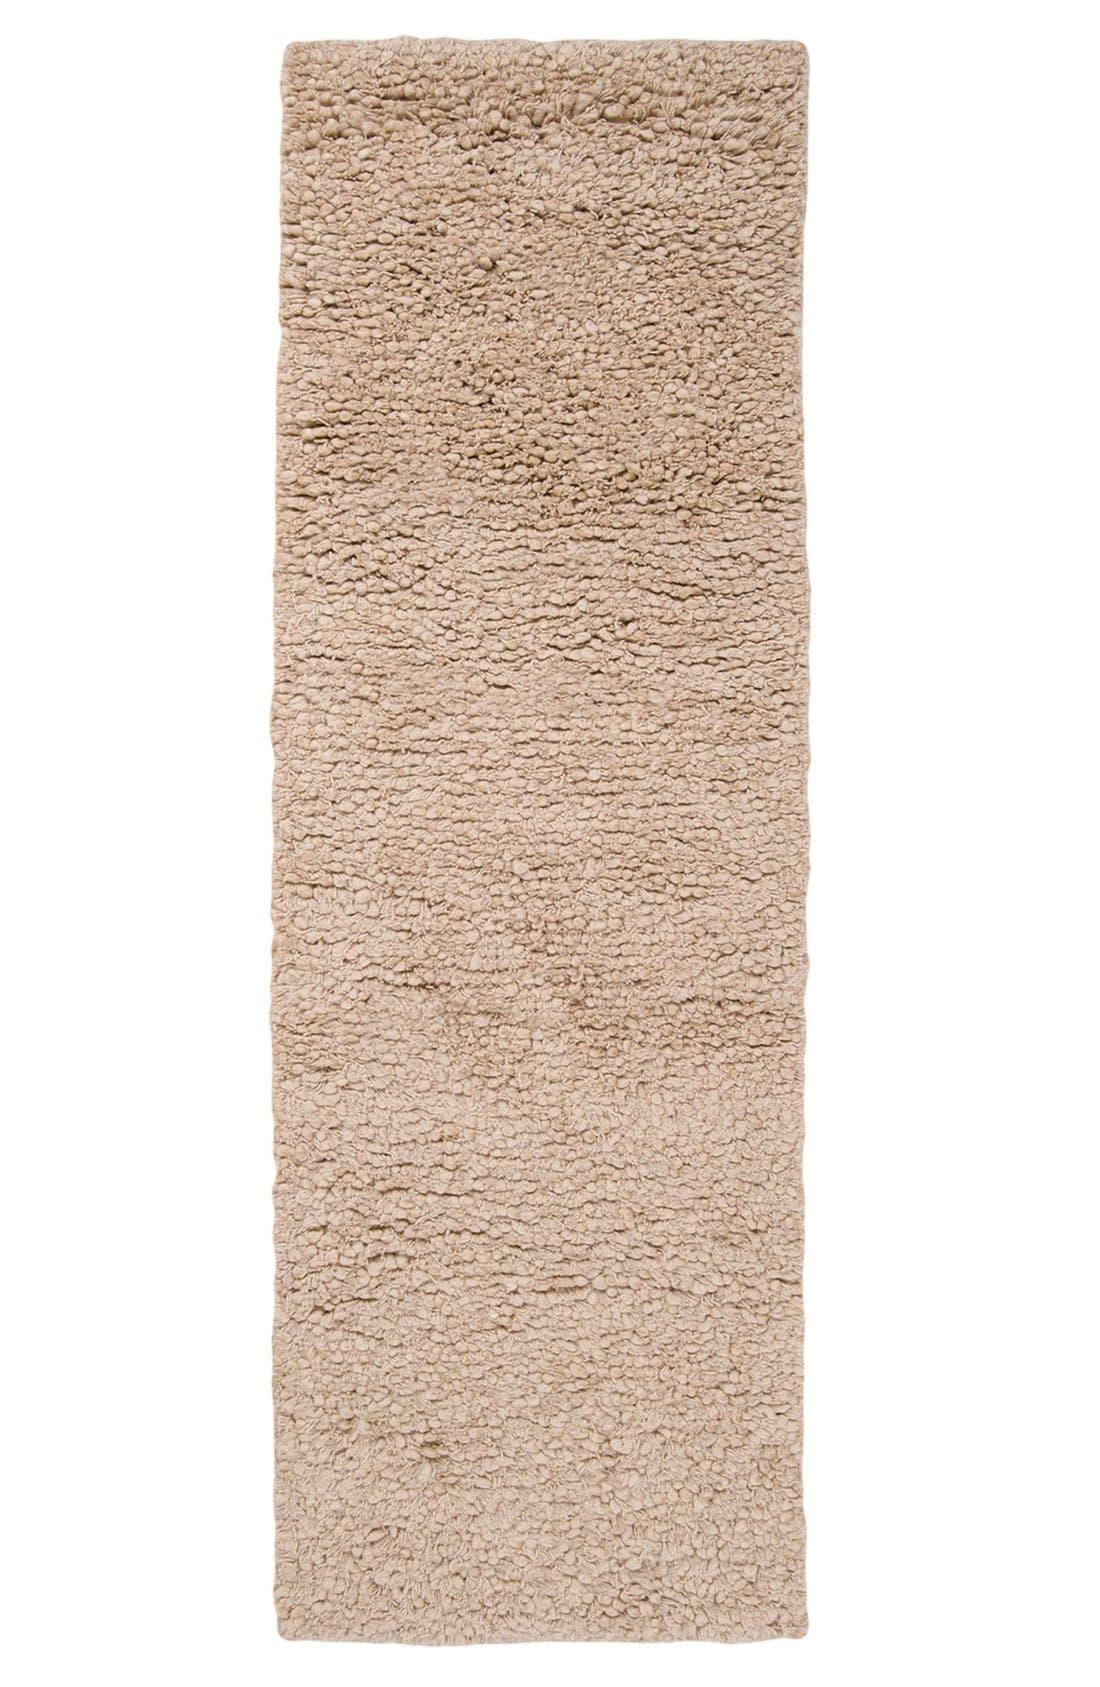 Alternate Image 2  - Surya Home 'Metropolitan' Wool Rug